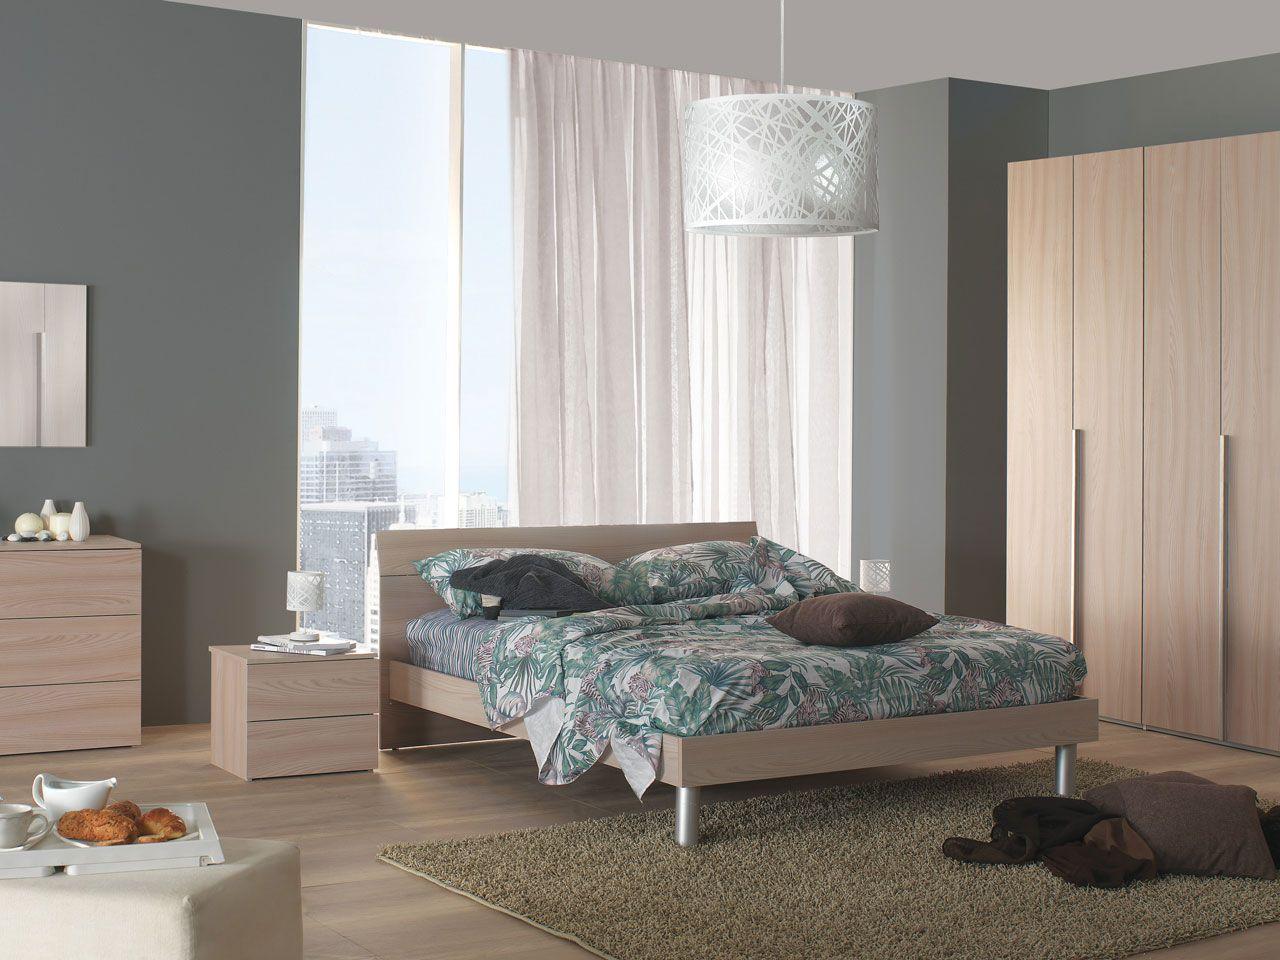 Scegli i mobili per la camera da letto proposti da mercatone di. Mercatone Uno Camere Da Letto